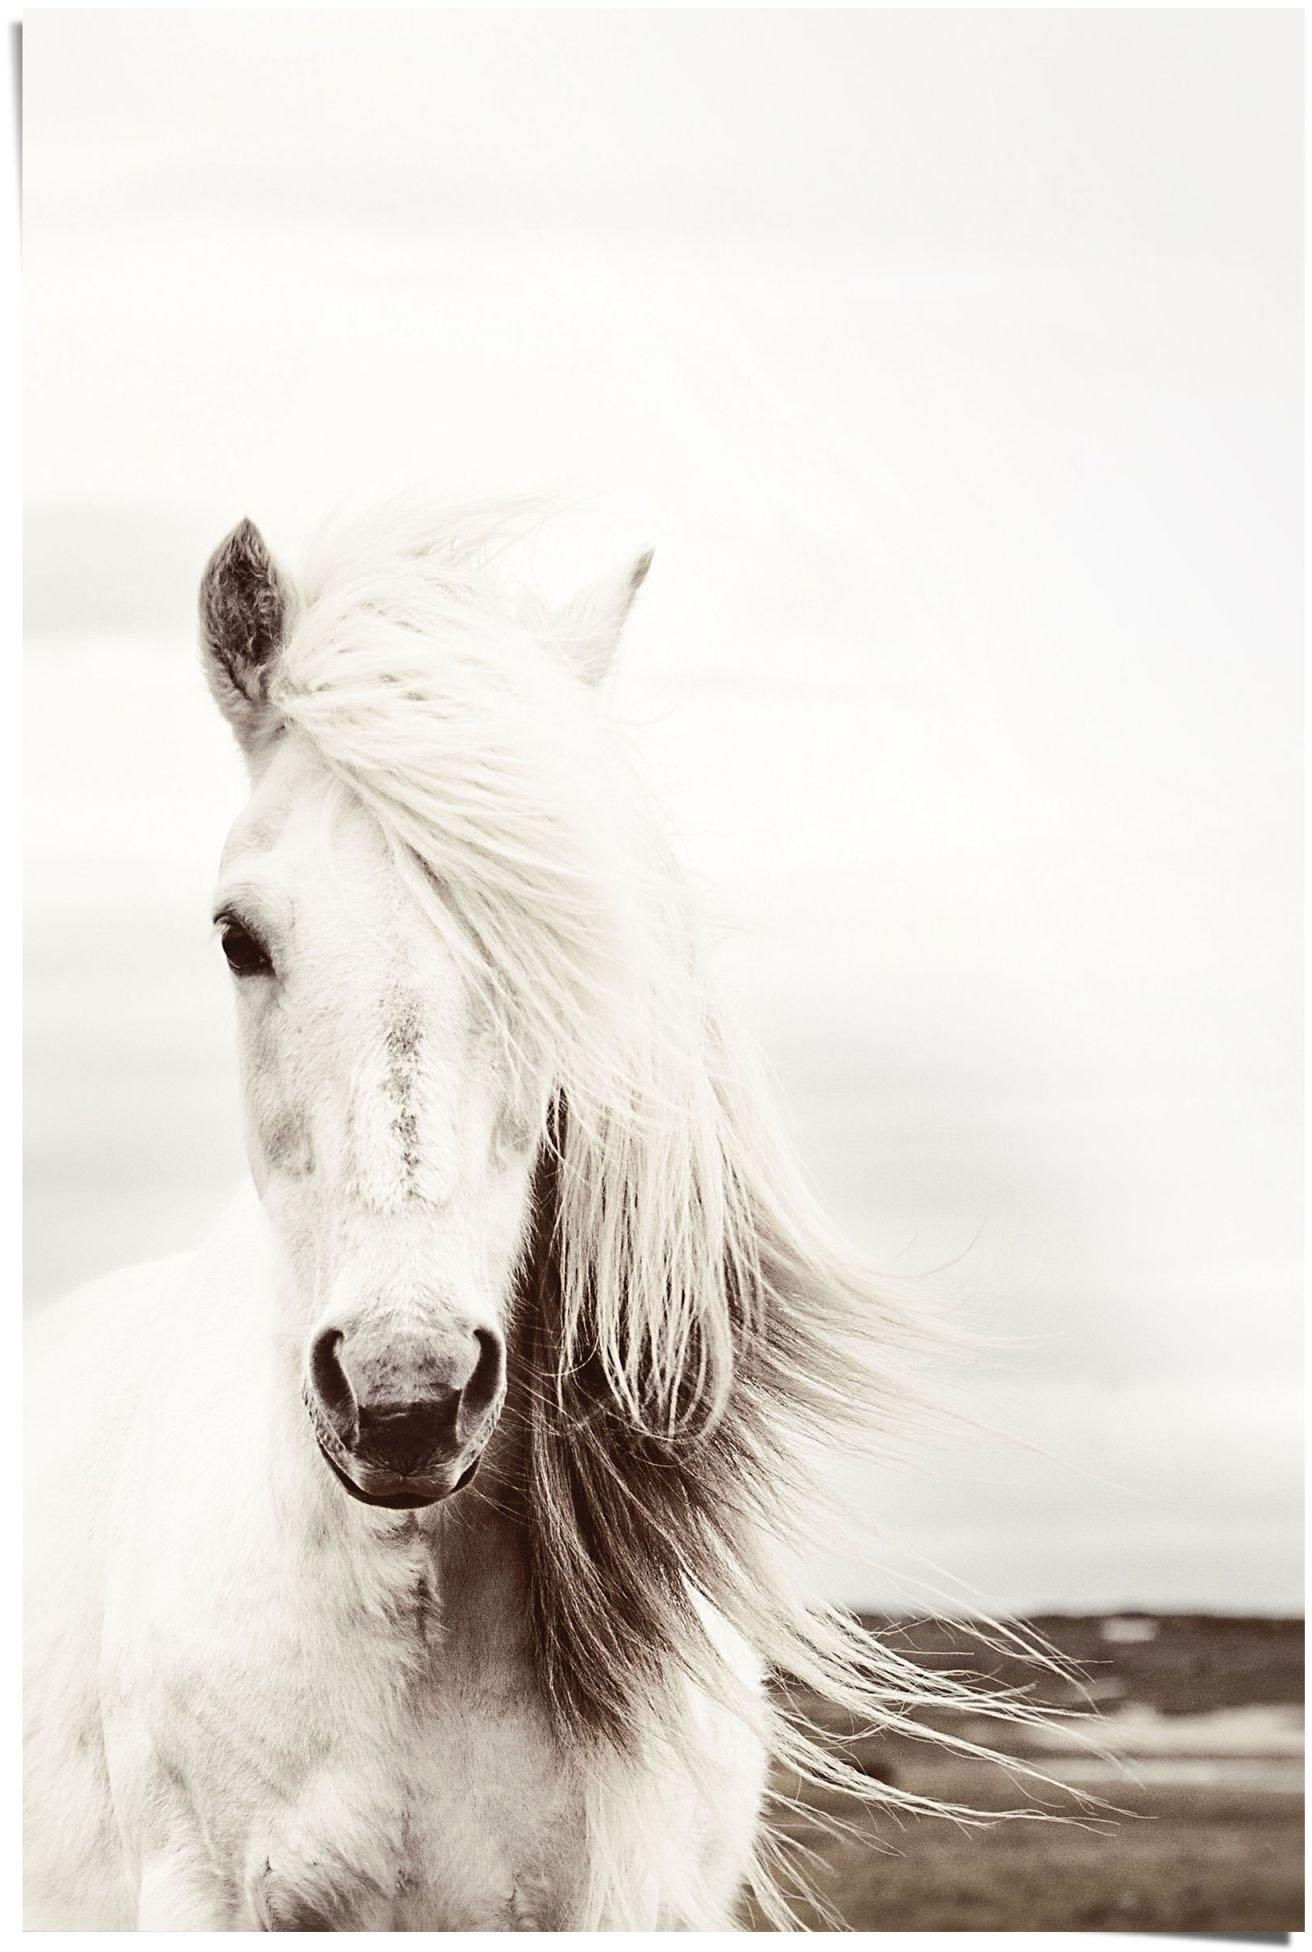 Reinders! Poster wit paard (1 stuk) veilig op otto.nl kopen